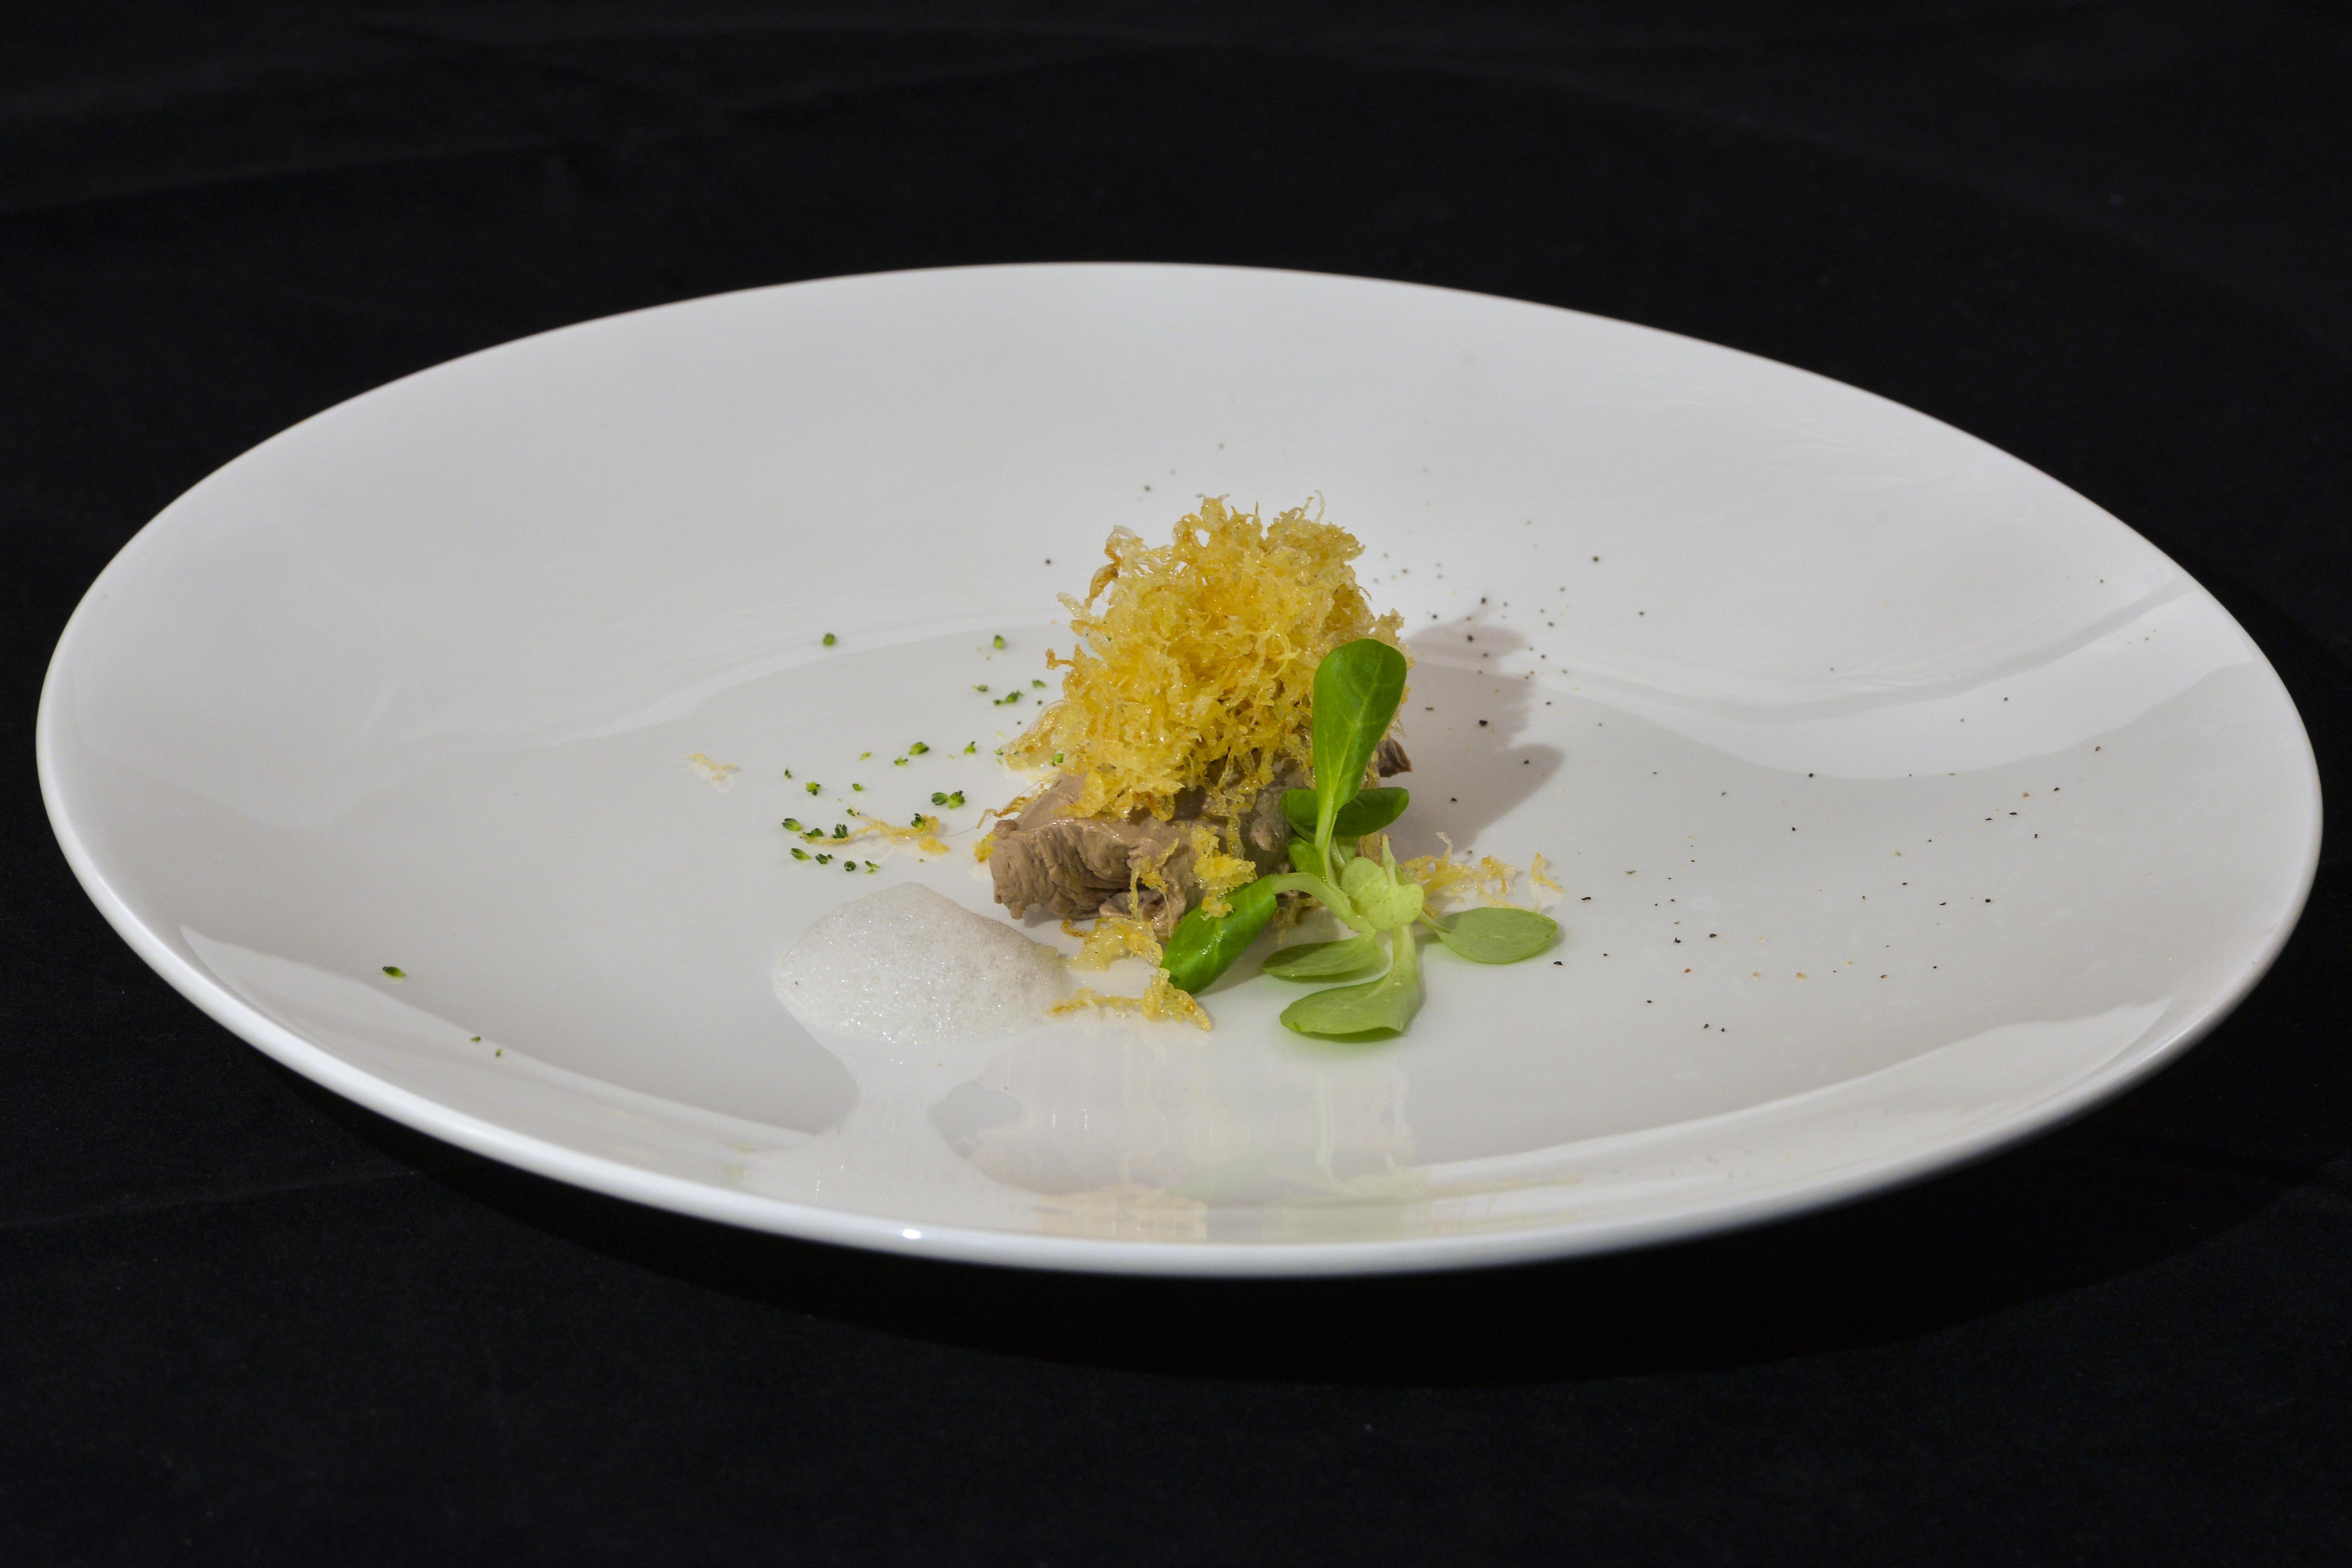 Mousse din ficat de pui cu foie gras – pregătit de Alexandru Iacob